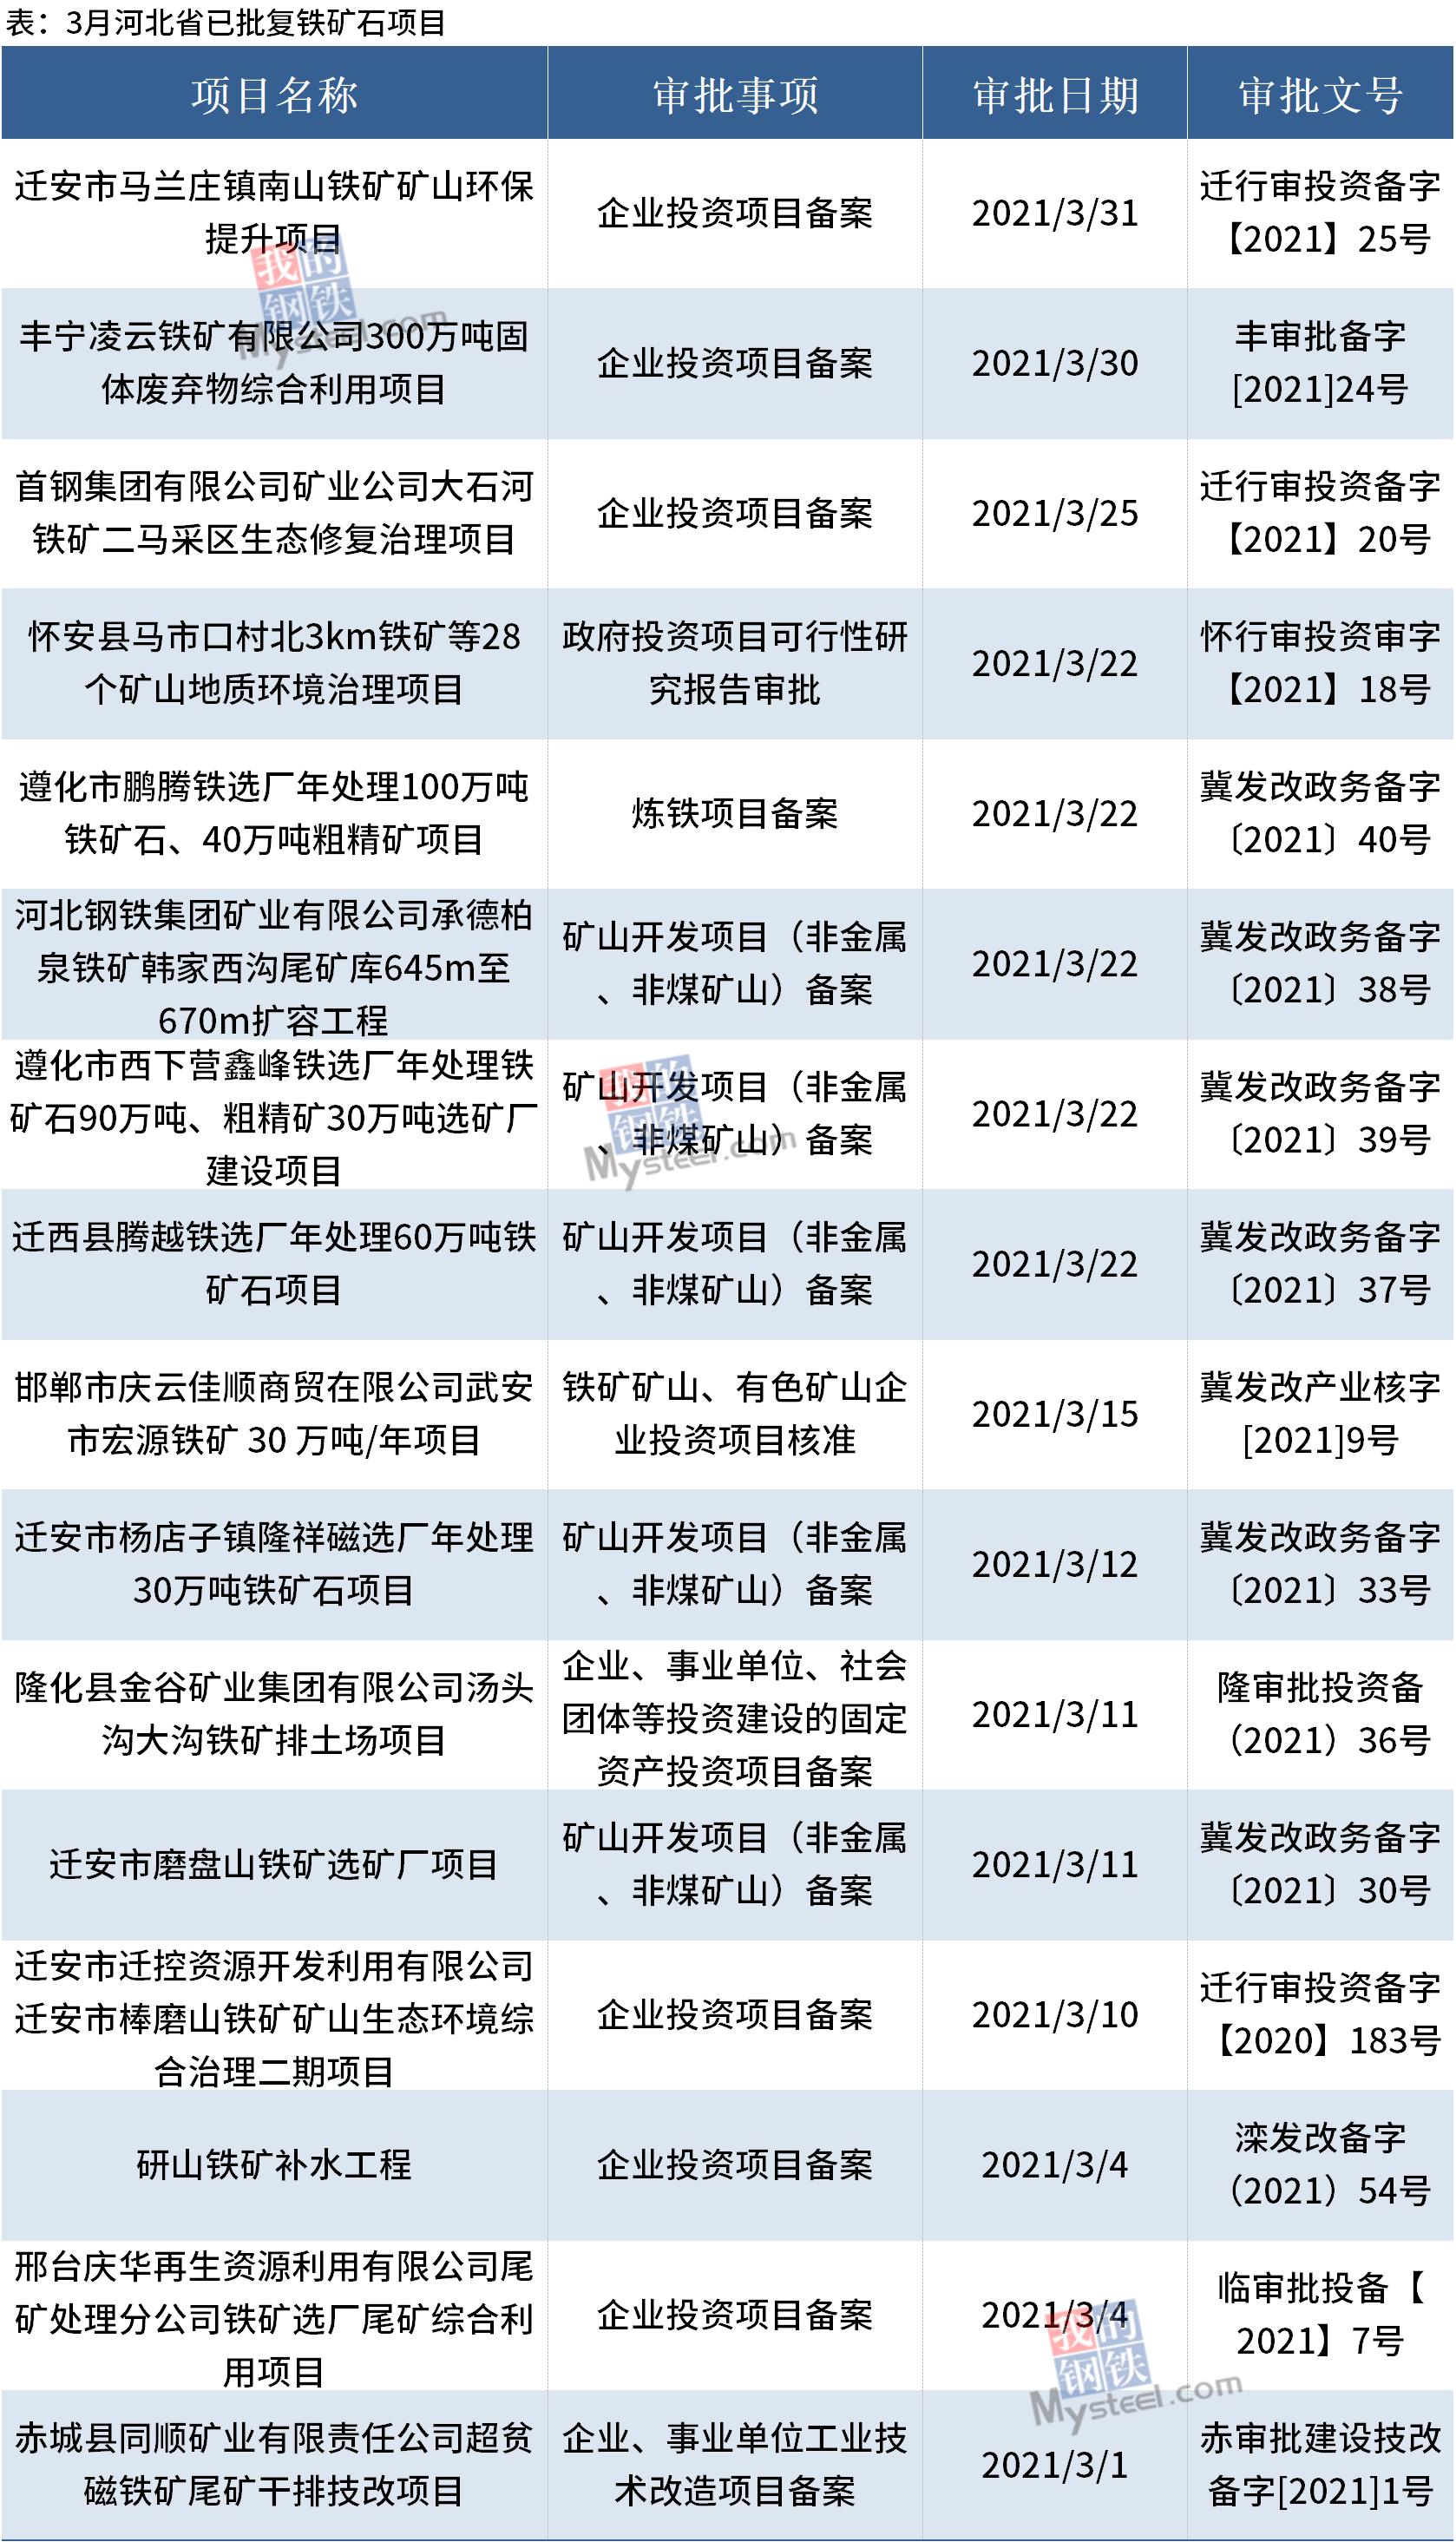 盘点丨3月河北16个铁矿石项目获批